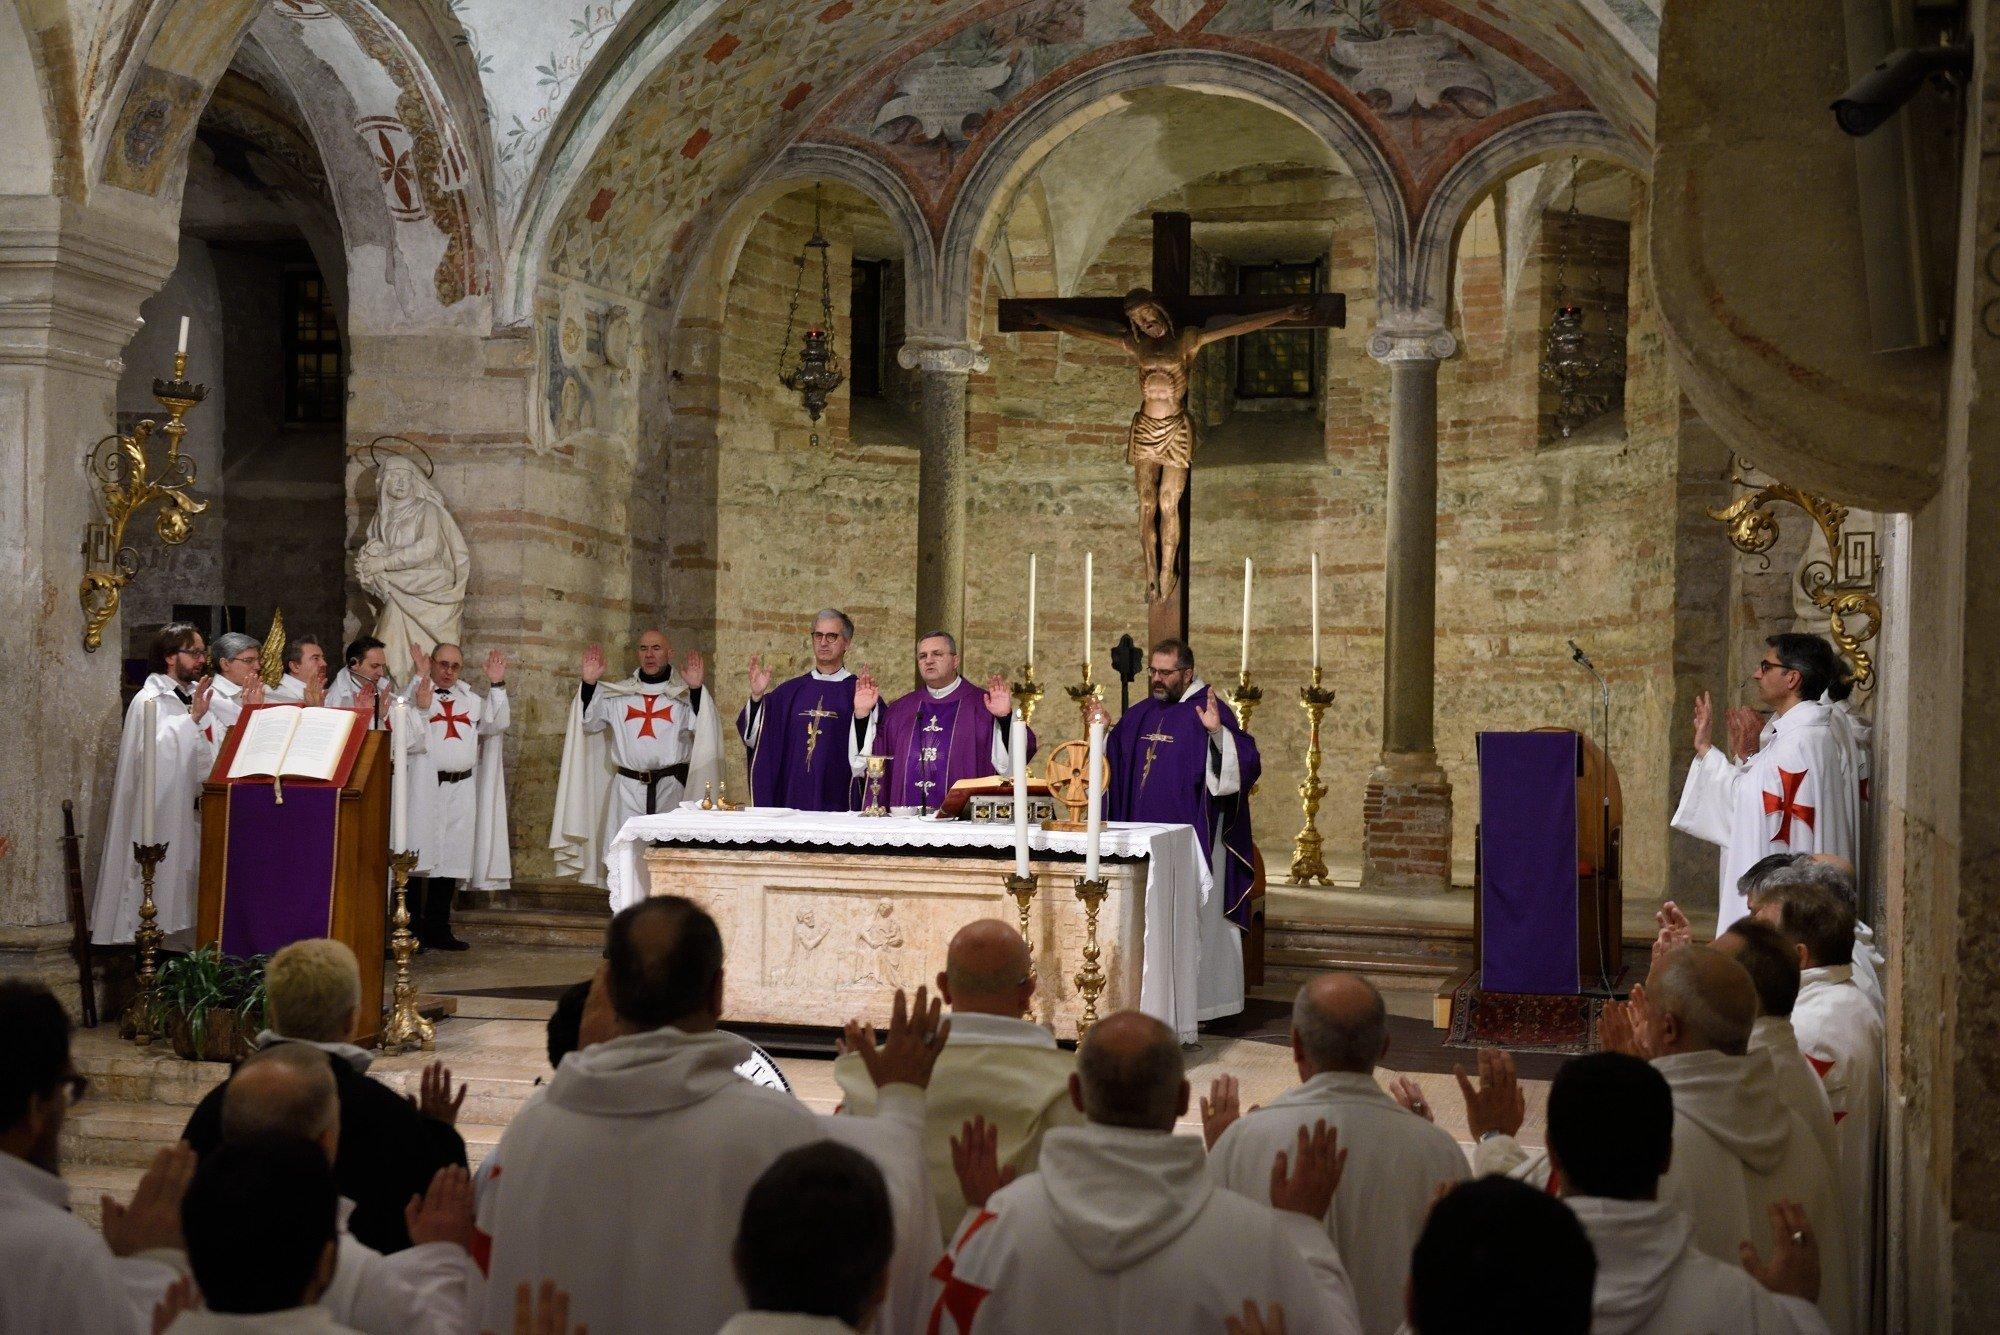 Chiesa di San Fermo - Verona - Templari Cattolici foto 05